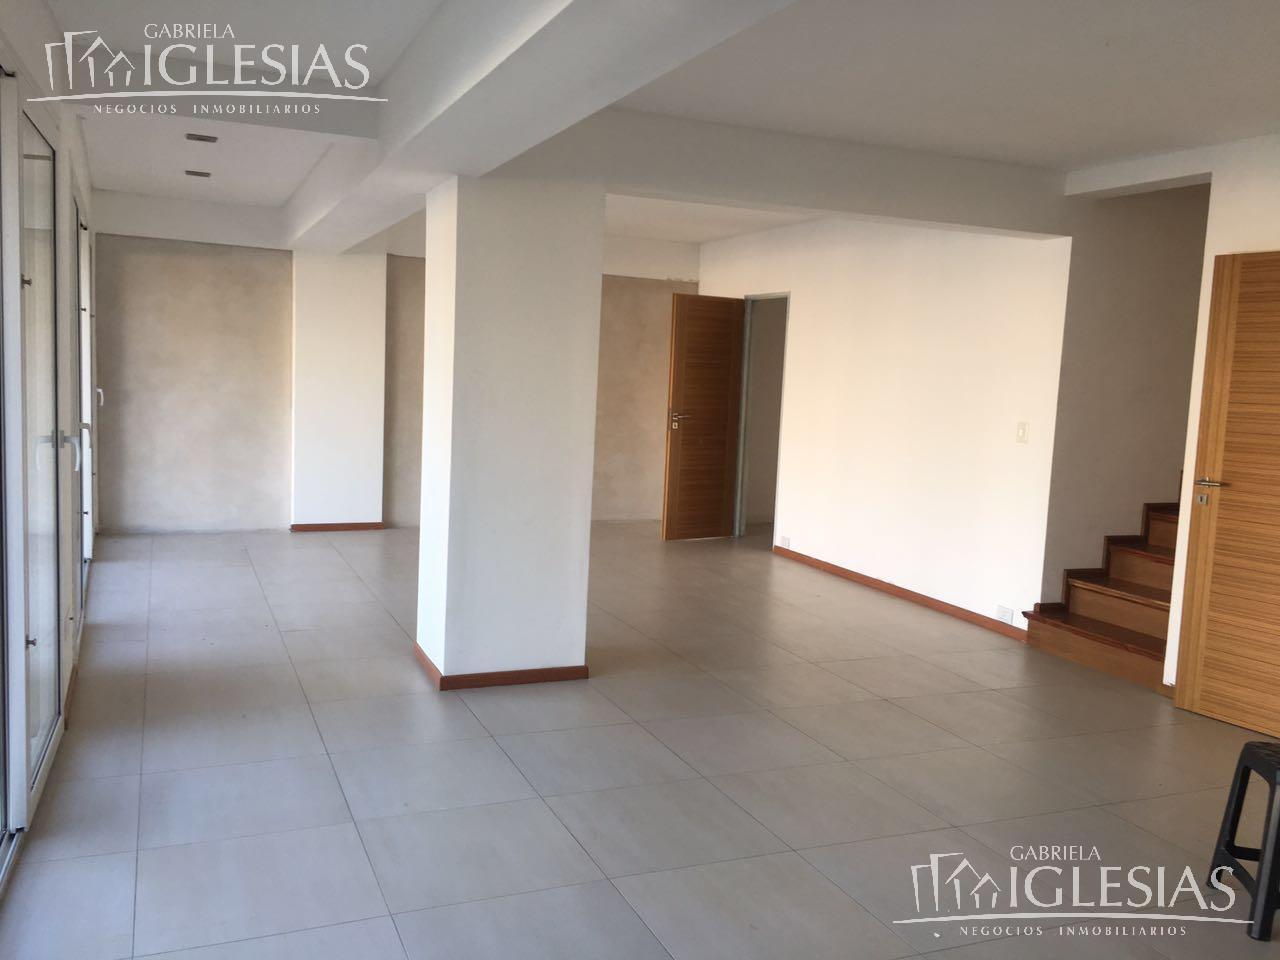 Casa en Venta en Vista Bahia a Venta - u$s 450.000